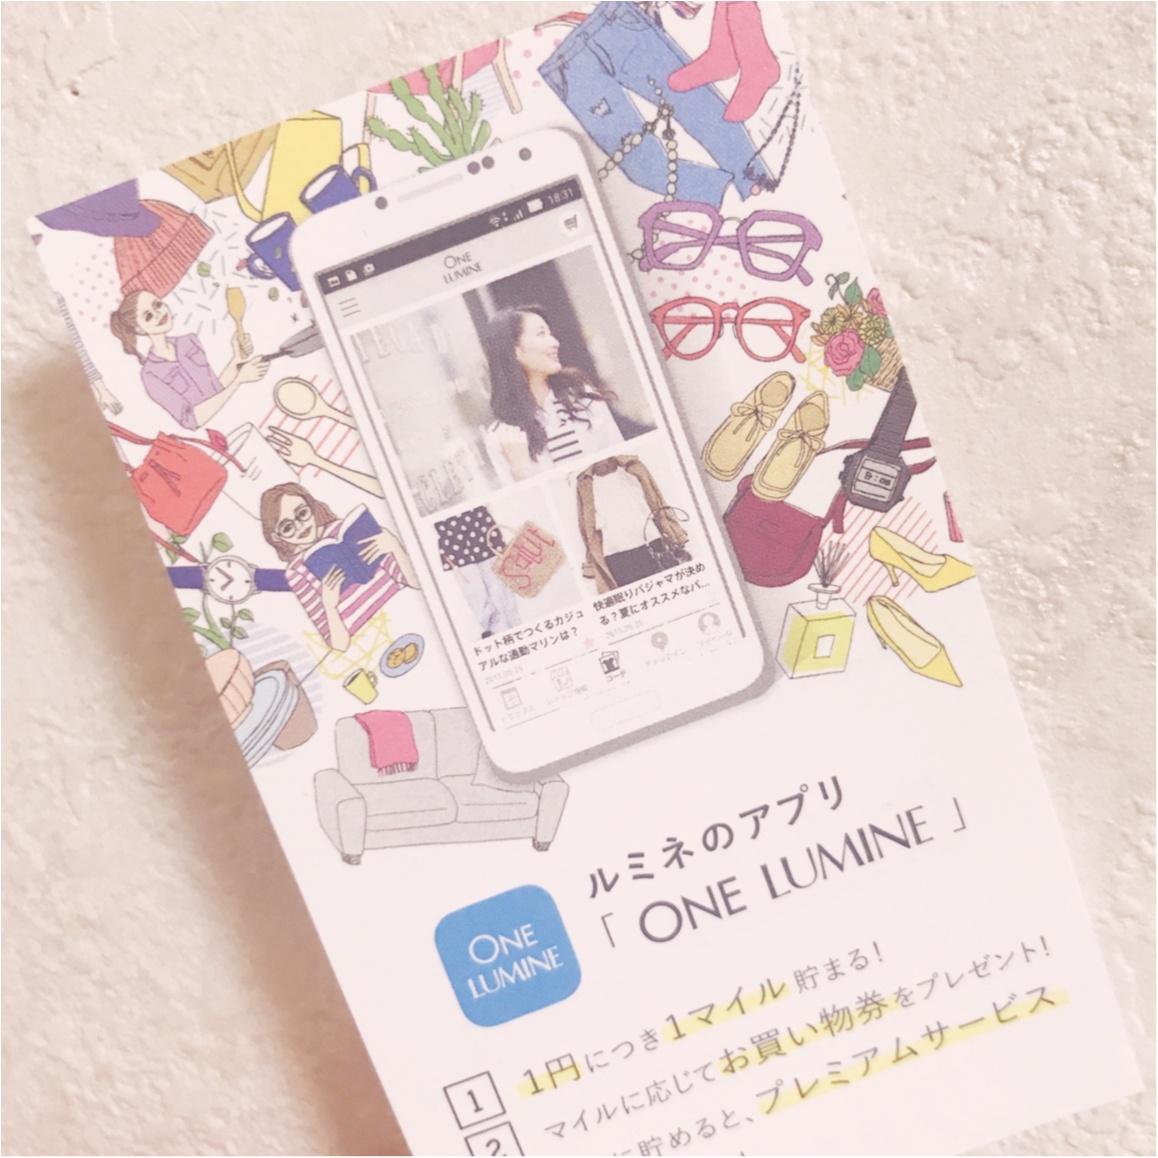 買い物するほどトクしちゃう♡ルミネのアプリ《ONE LUMINE》使ってる?_1